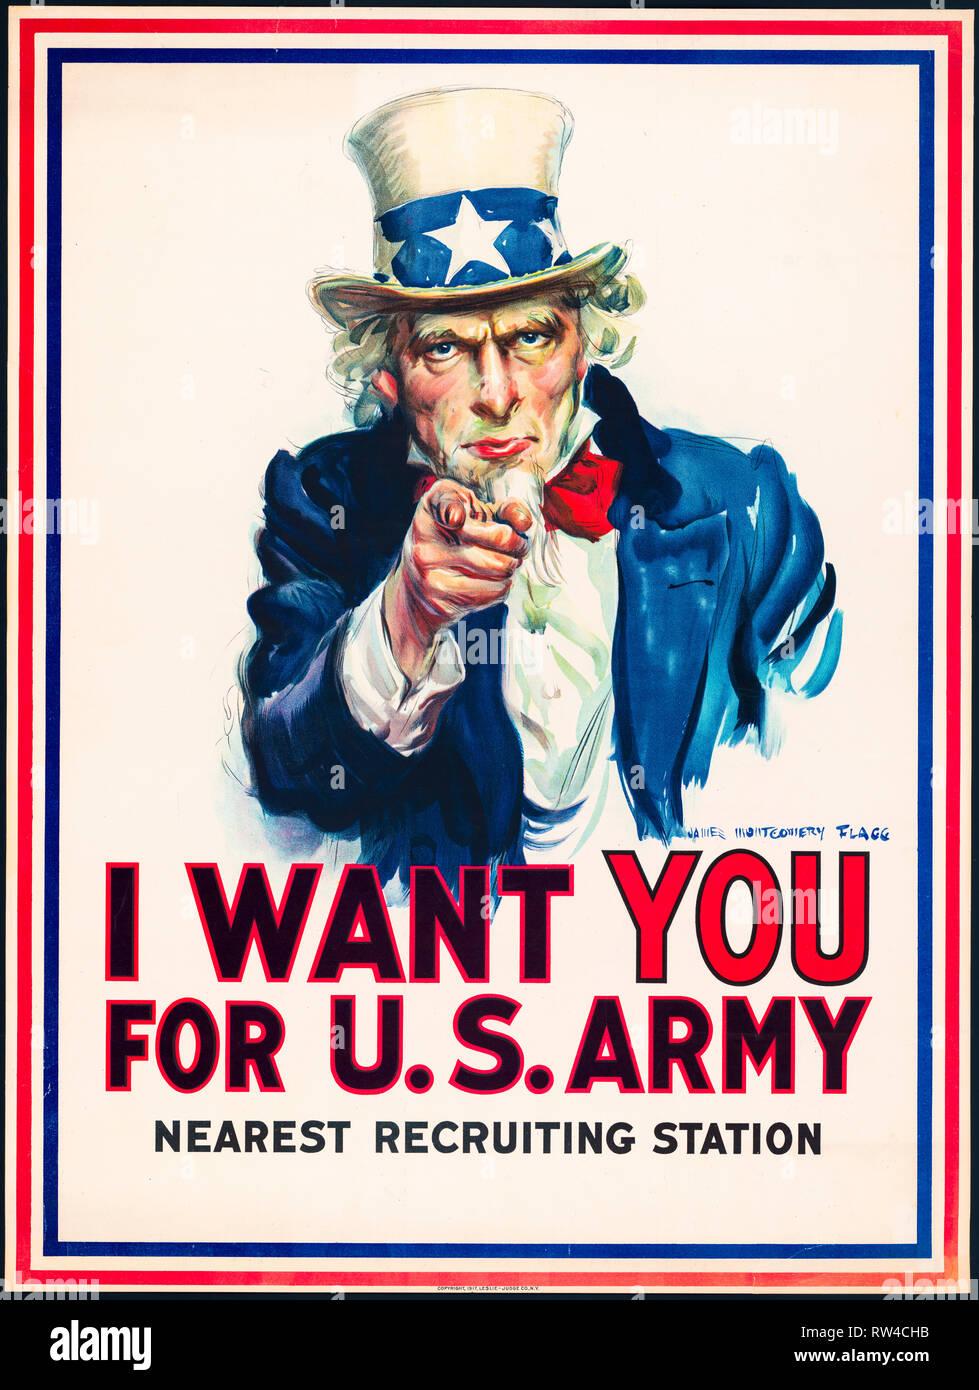 Je veux que vous pour l'armée américaine, l'Oncle Sam, US Army World War 1, 1917 affiche de recrutement Banque D'Images